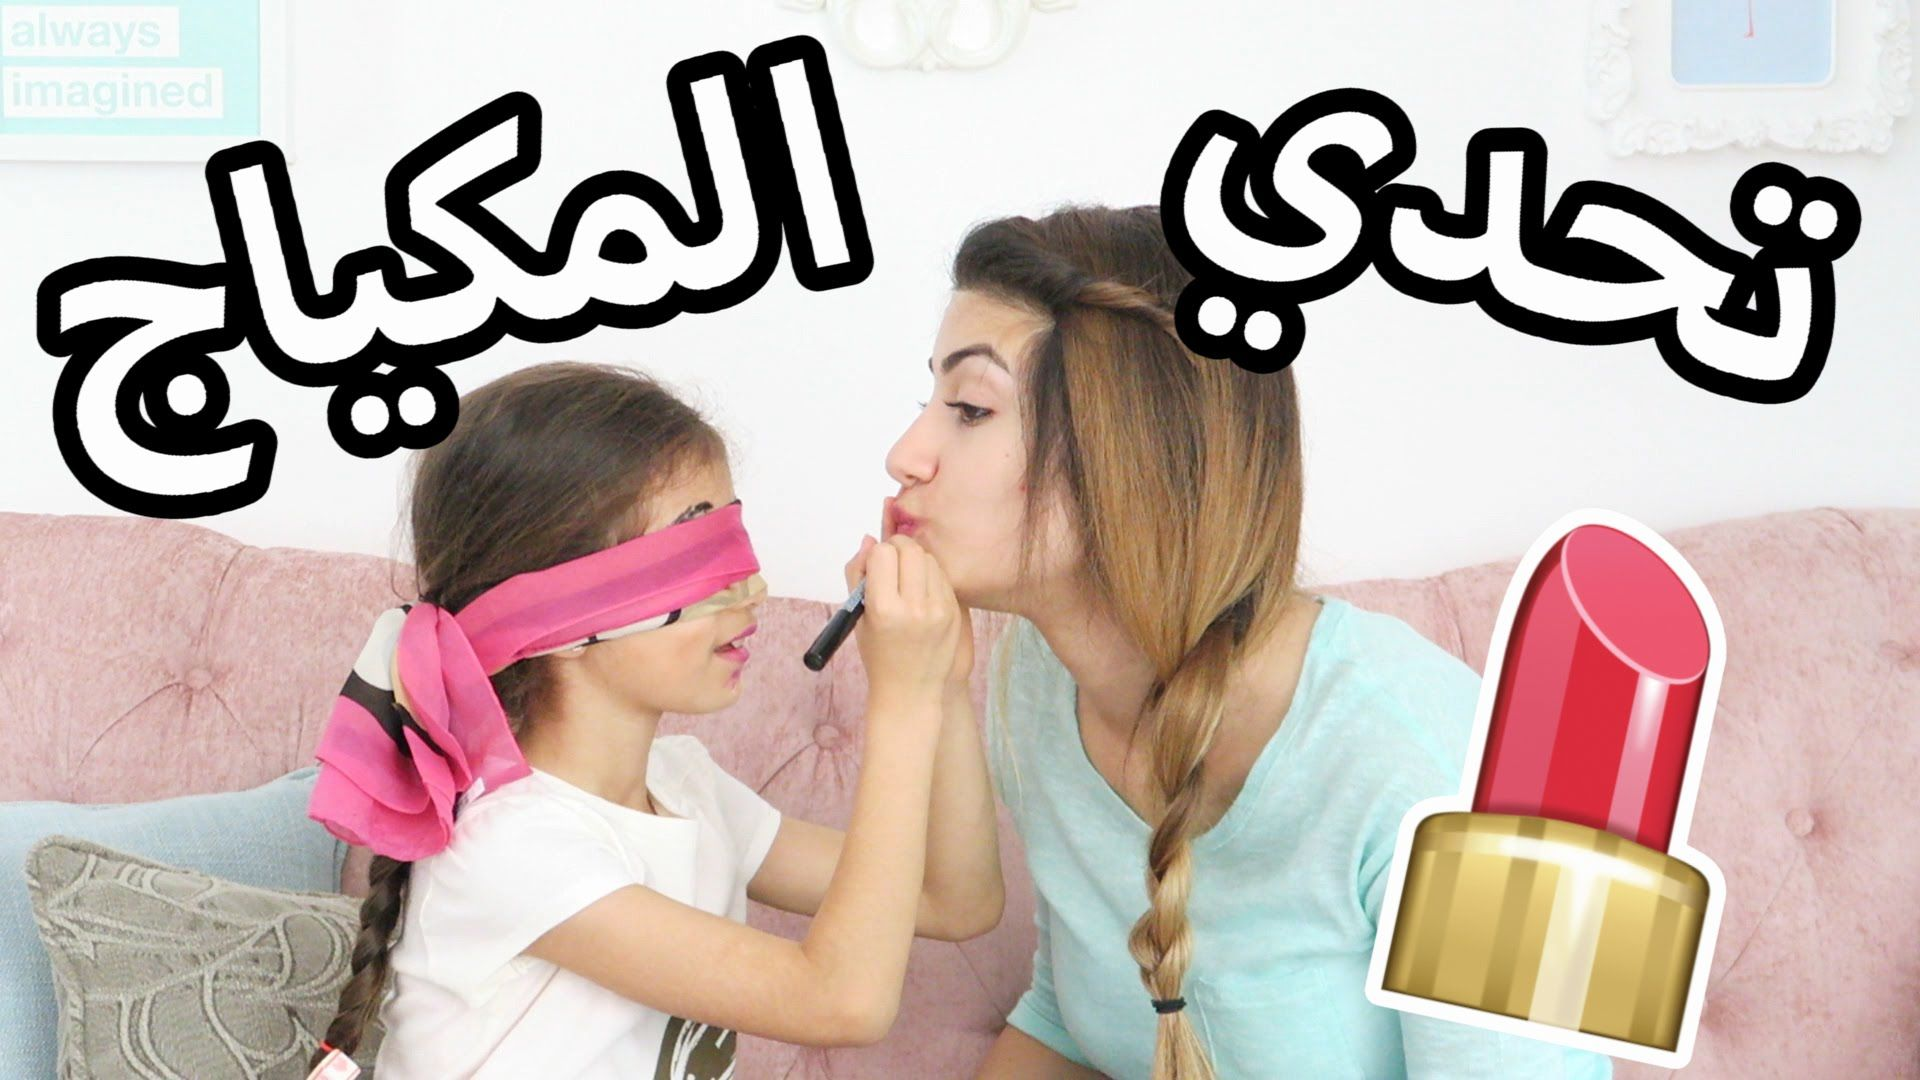 تحدي المكياج مع أختي Makeup Challenge With My Sister Makeup Challenges Sleep Eye Mask Person